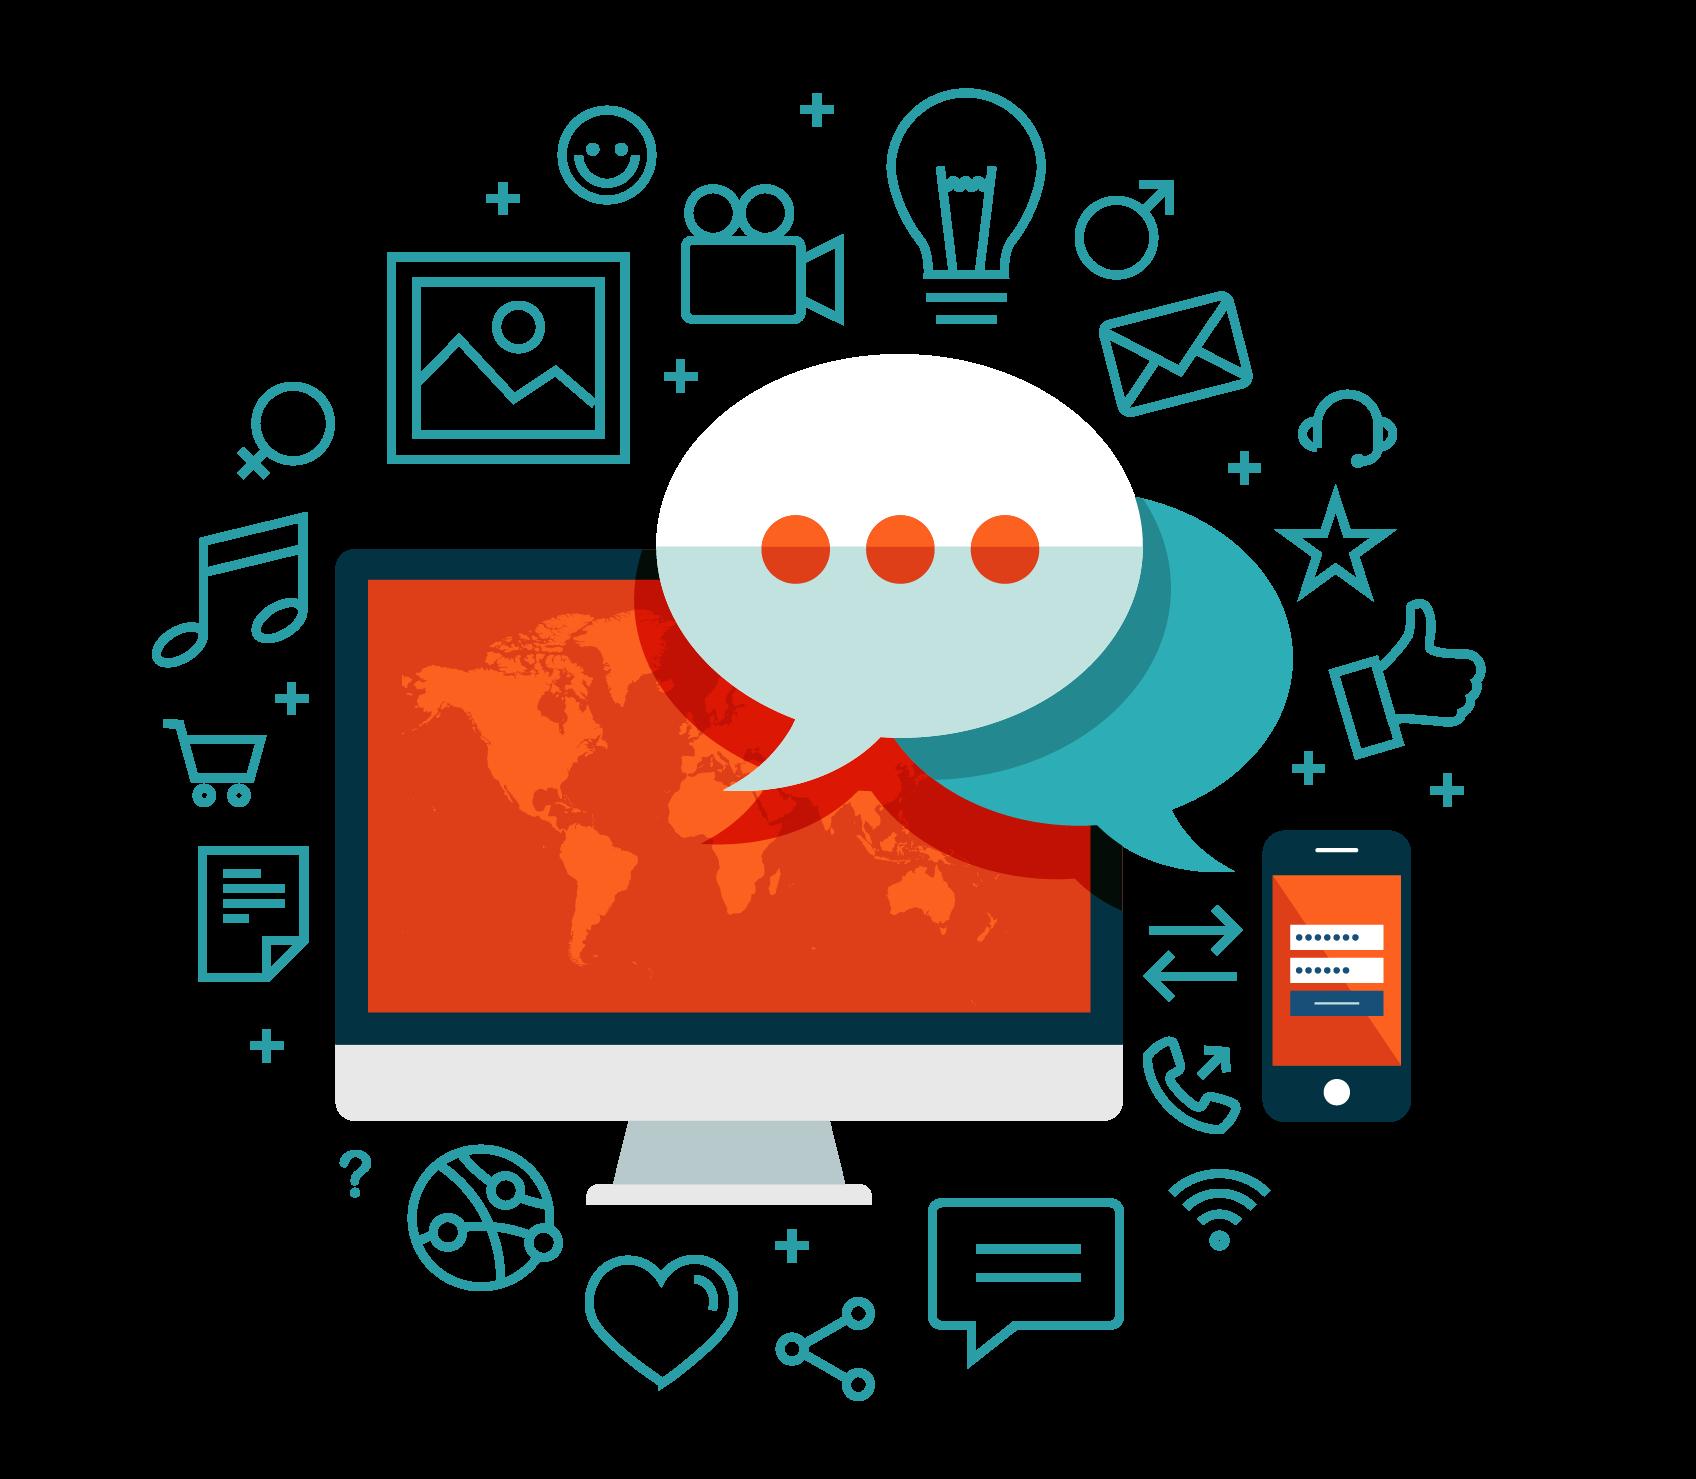 Curricolo digitale e cyberbullismo: siamo apocalittici o integrati?